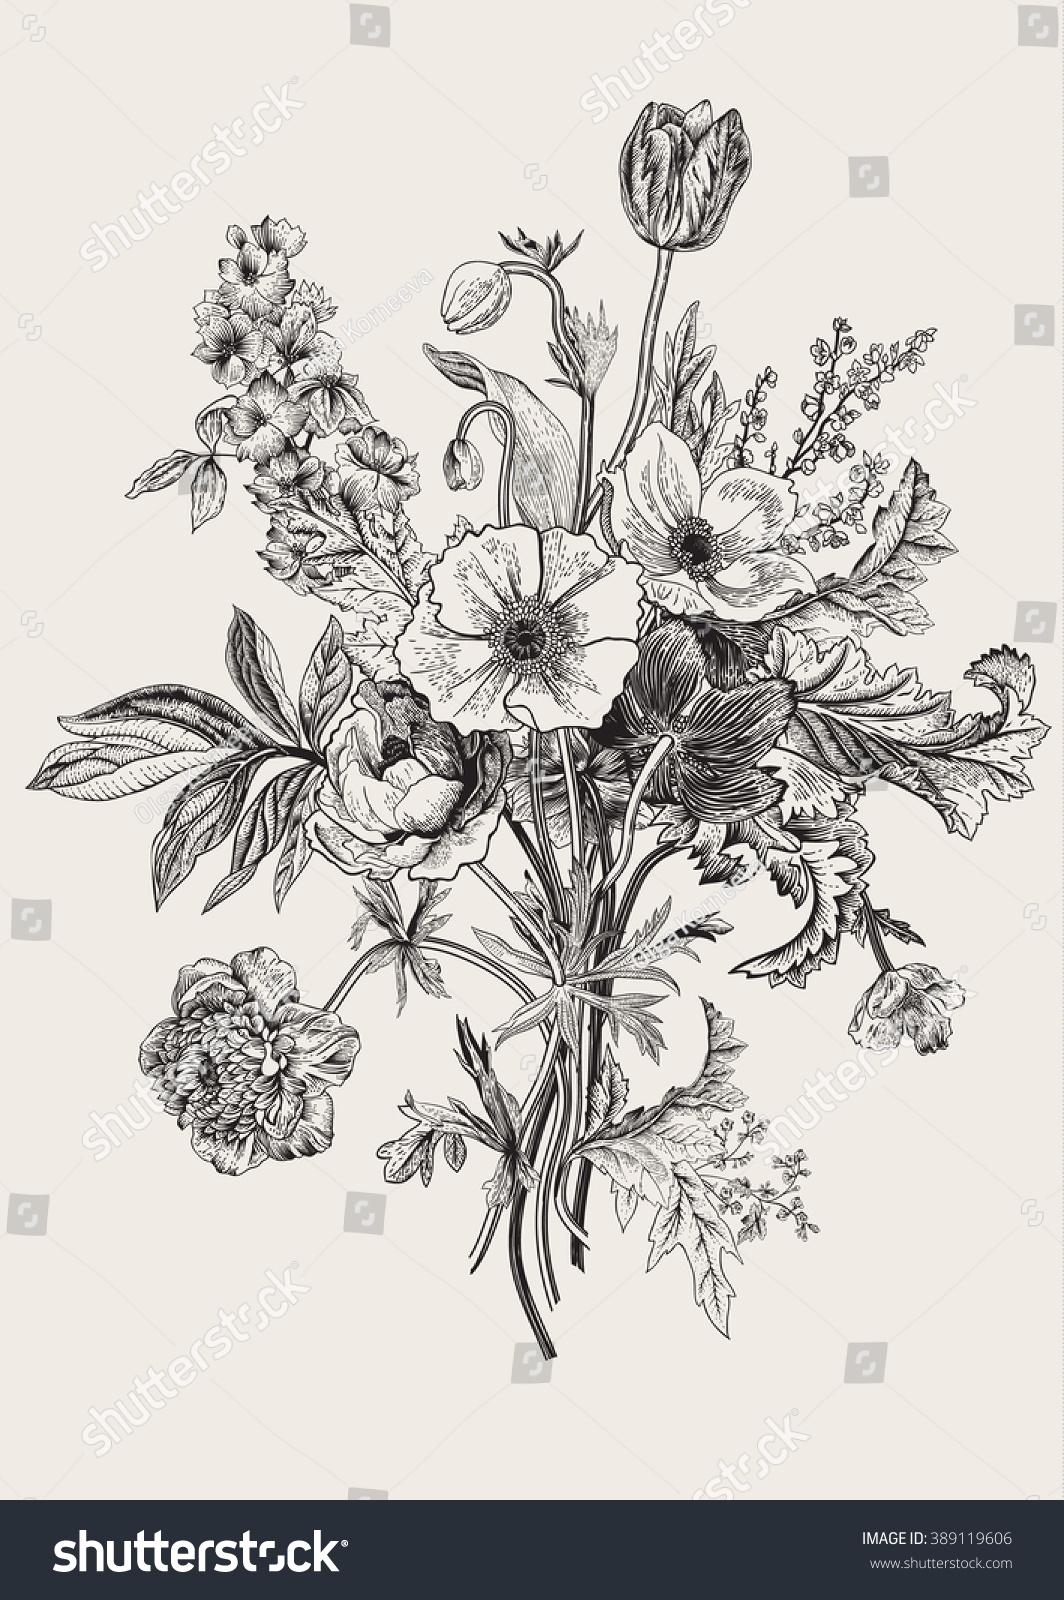 Botanical illustration black and white - photo#8